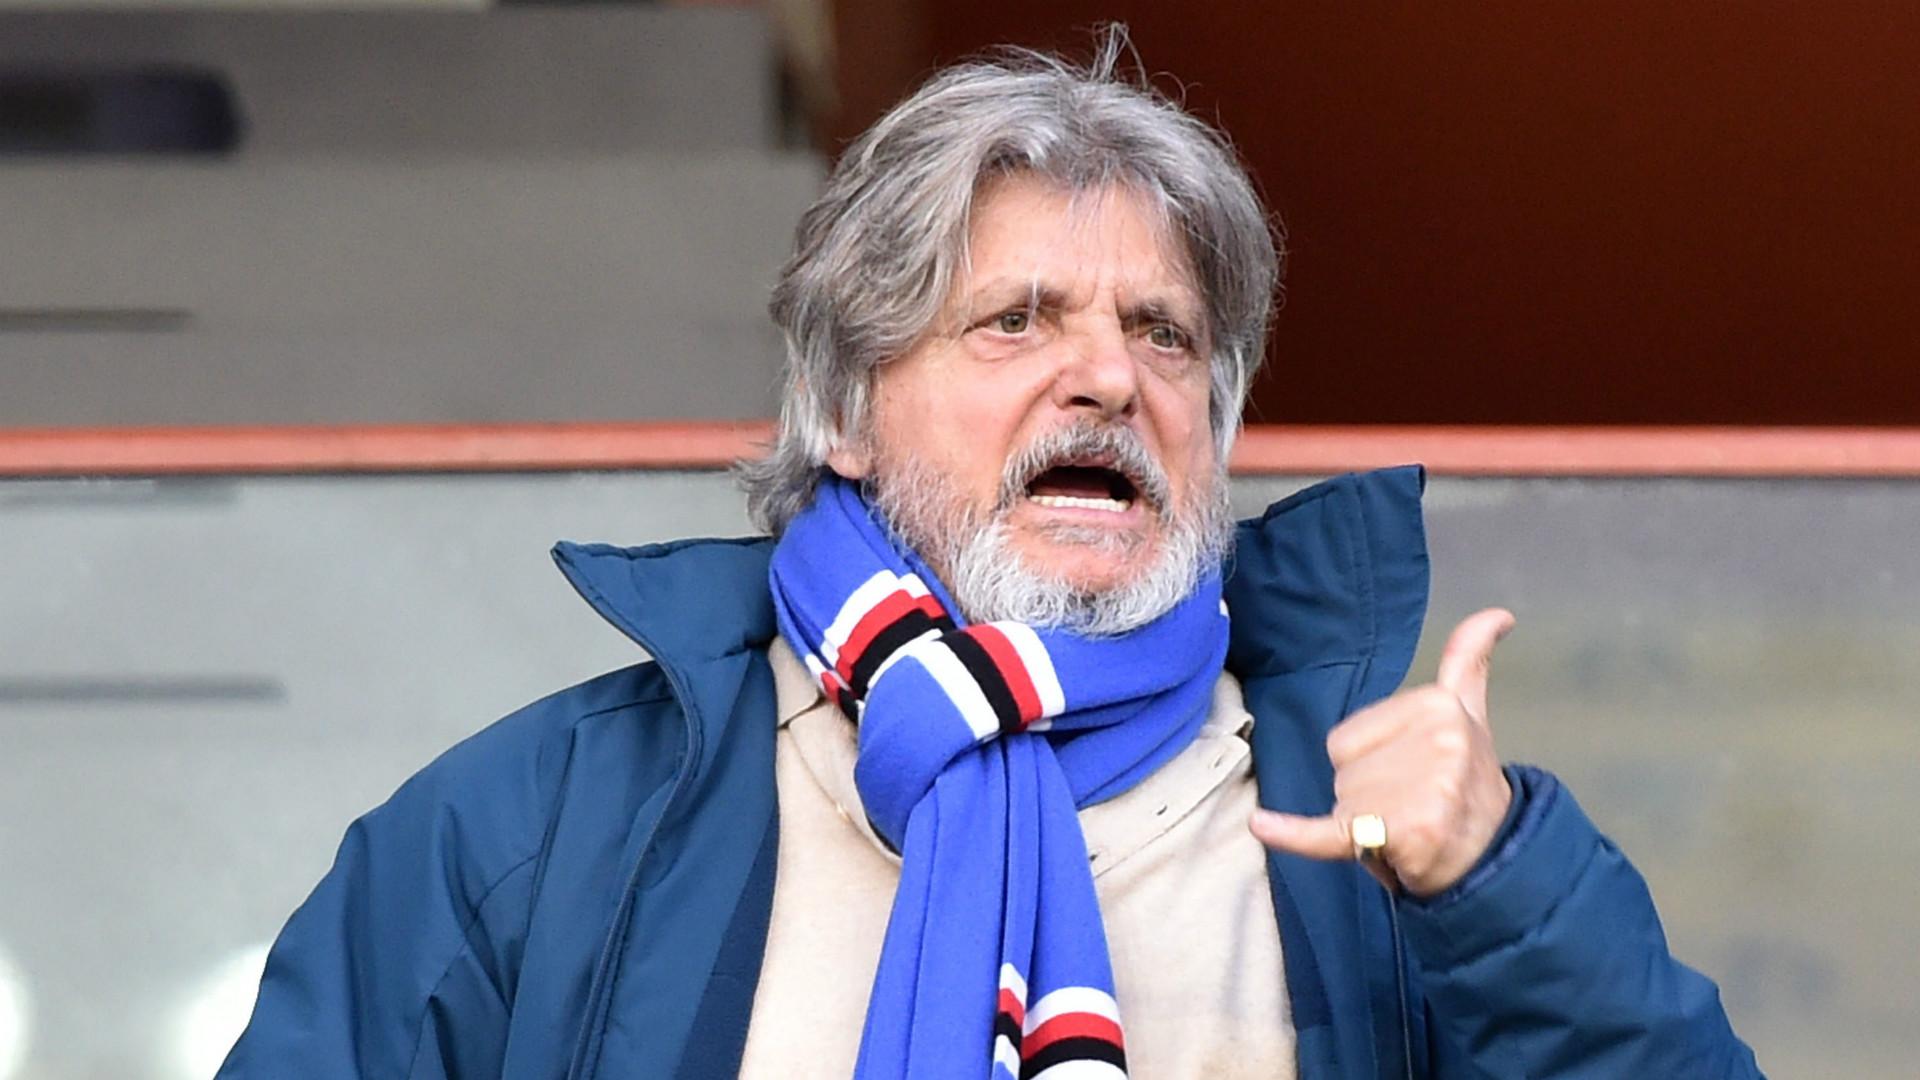 Roma, tifoso prende in giro Ferrero: la reazione